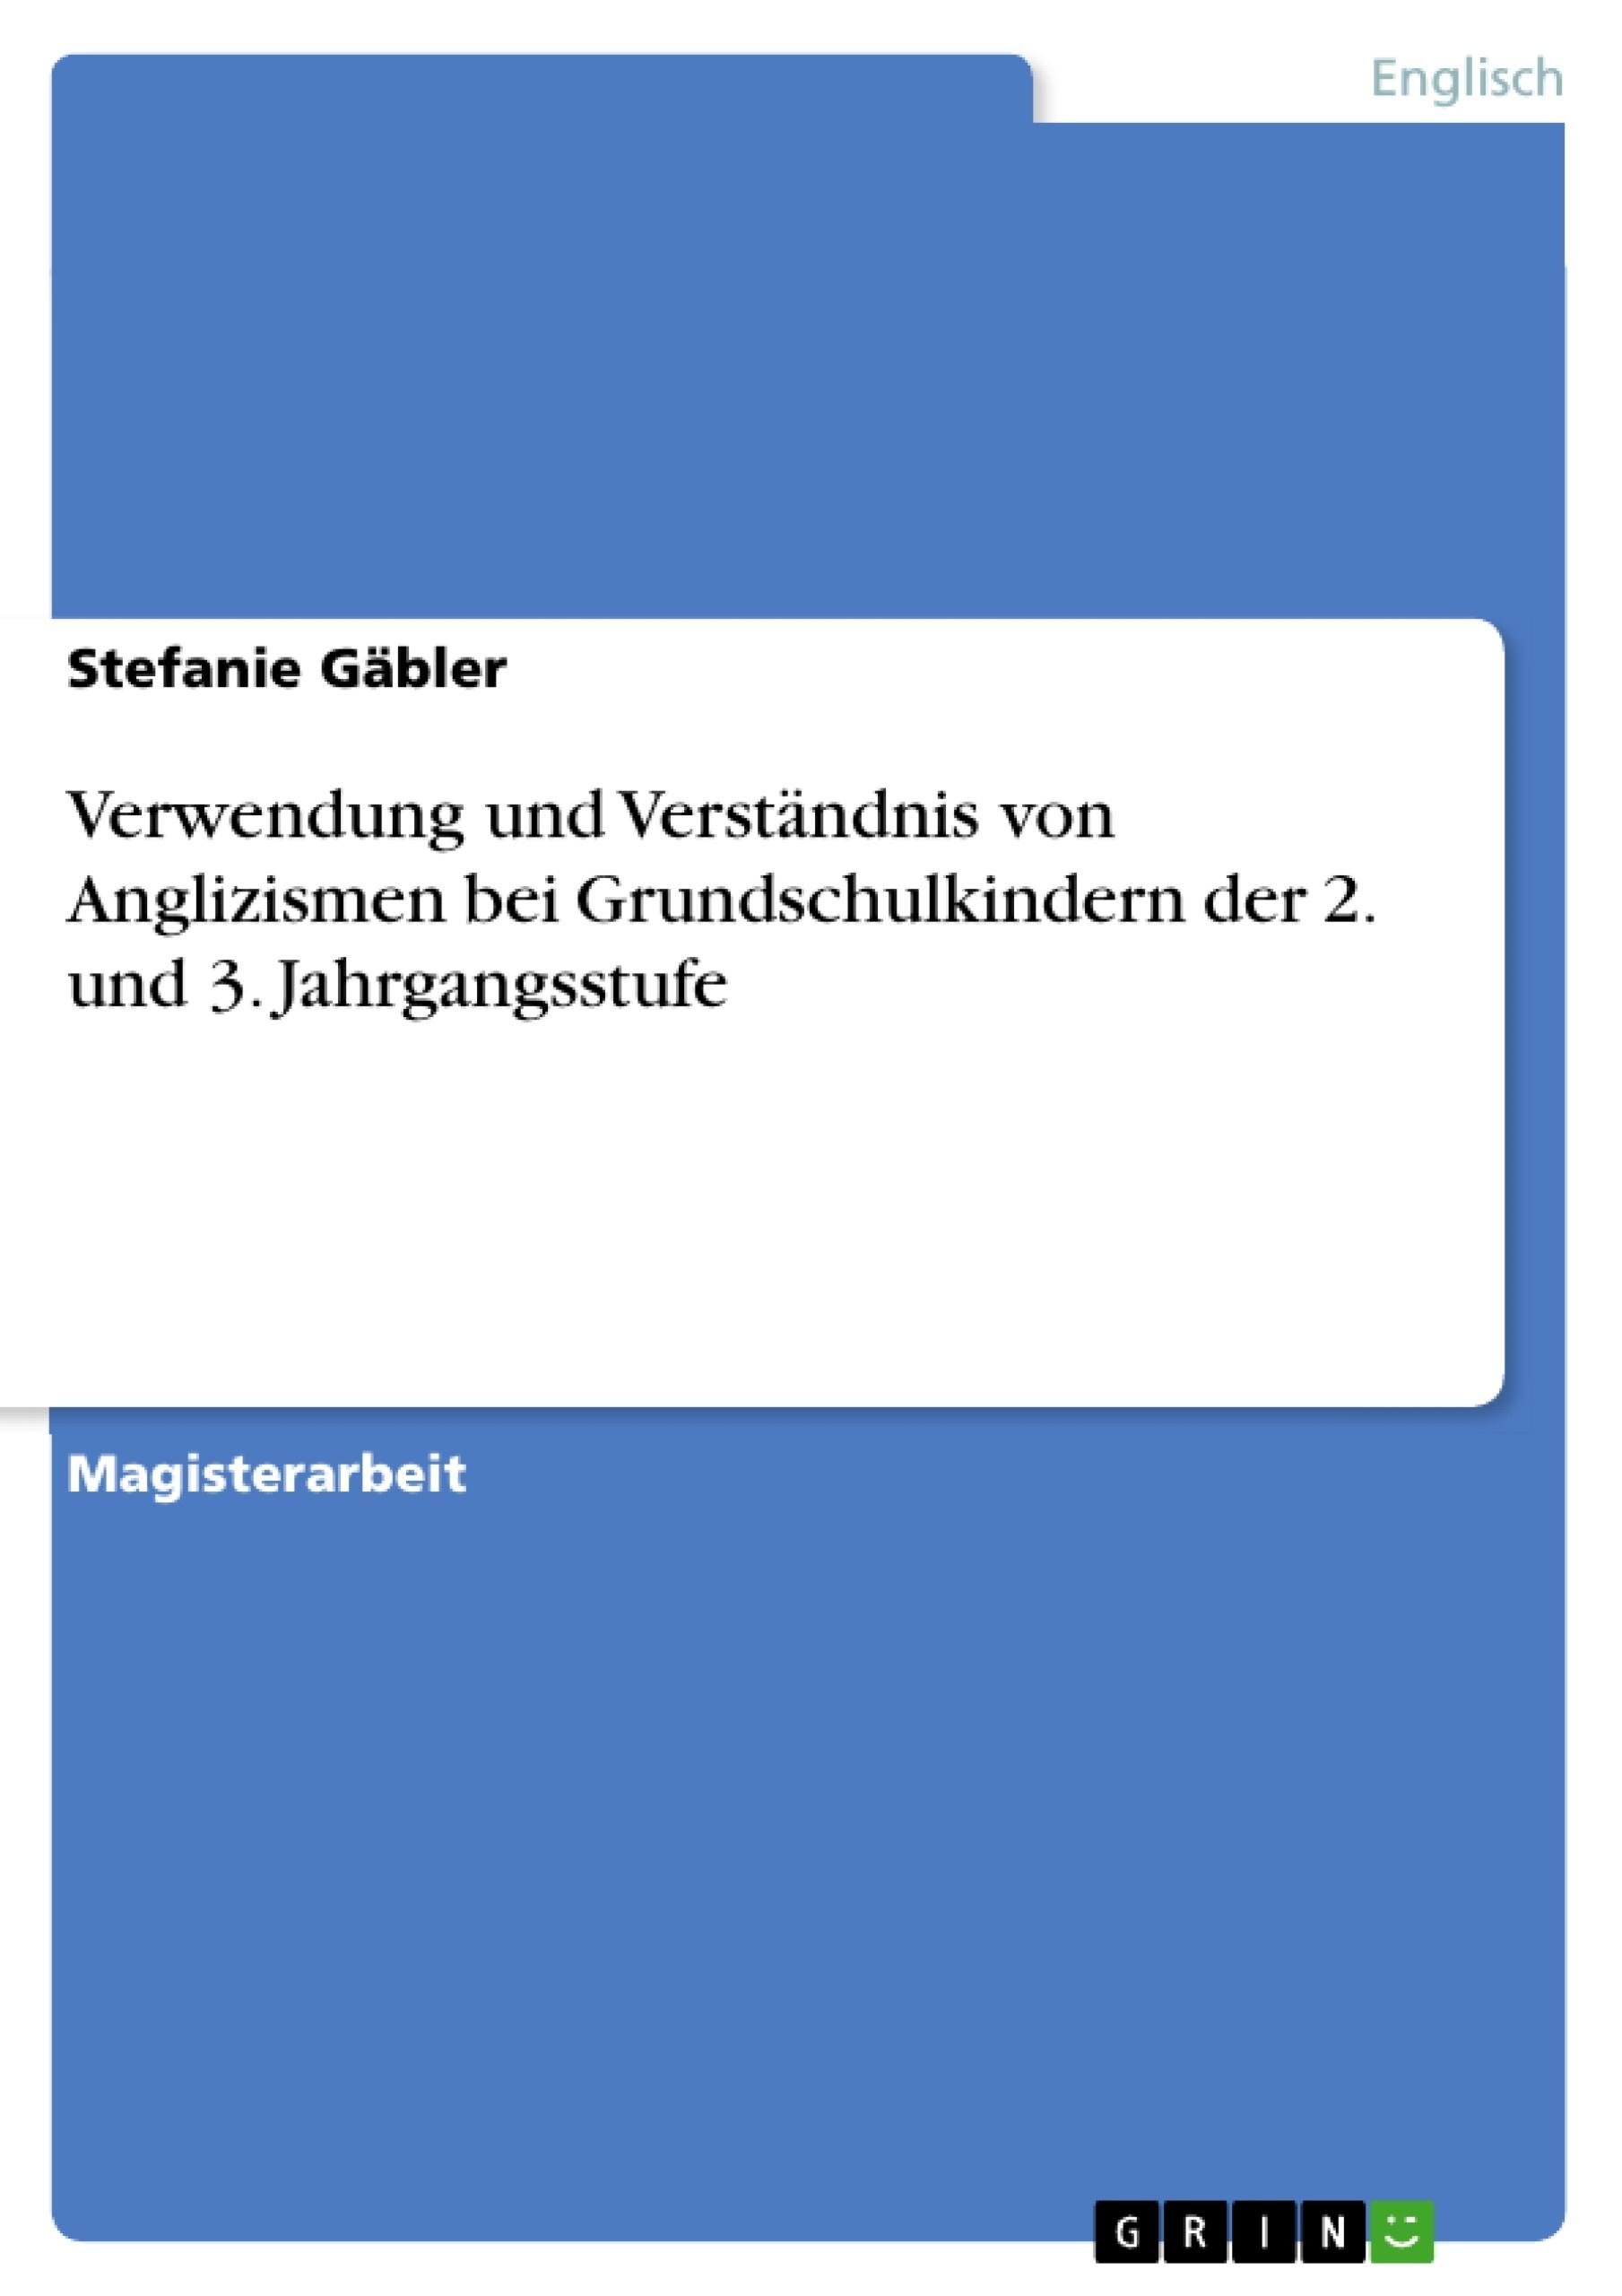 Titel: Verwendung und Verständnis von Anglizismen bei Grundschulkindern der 2. und 3. Jahrgangsstufe